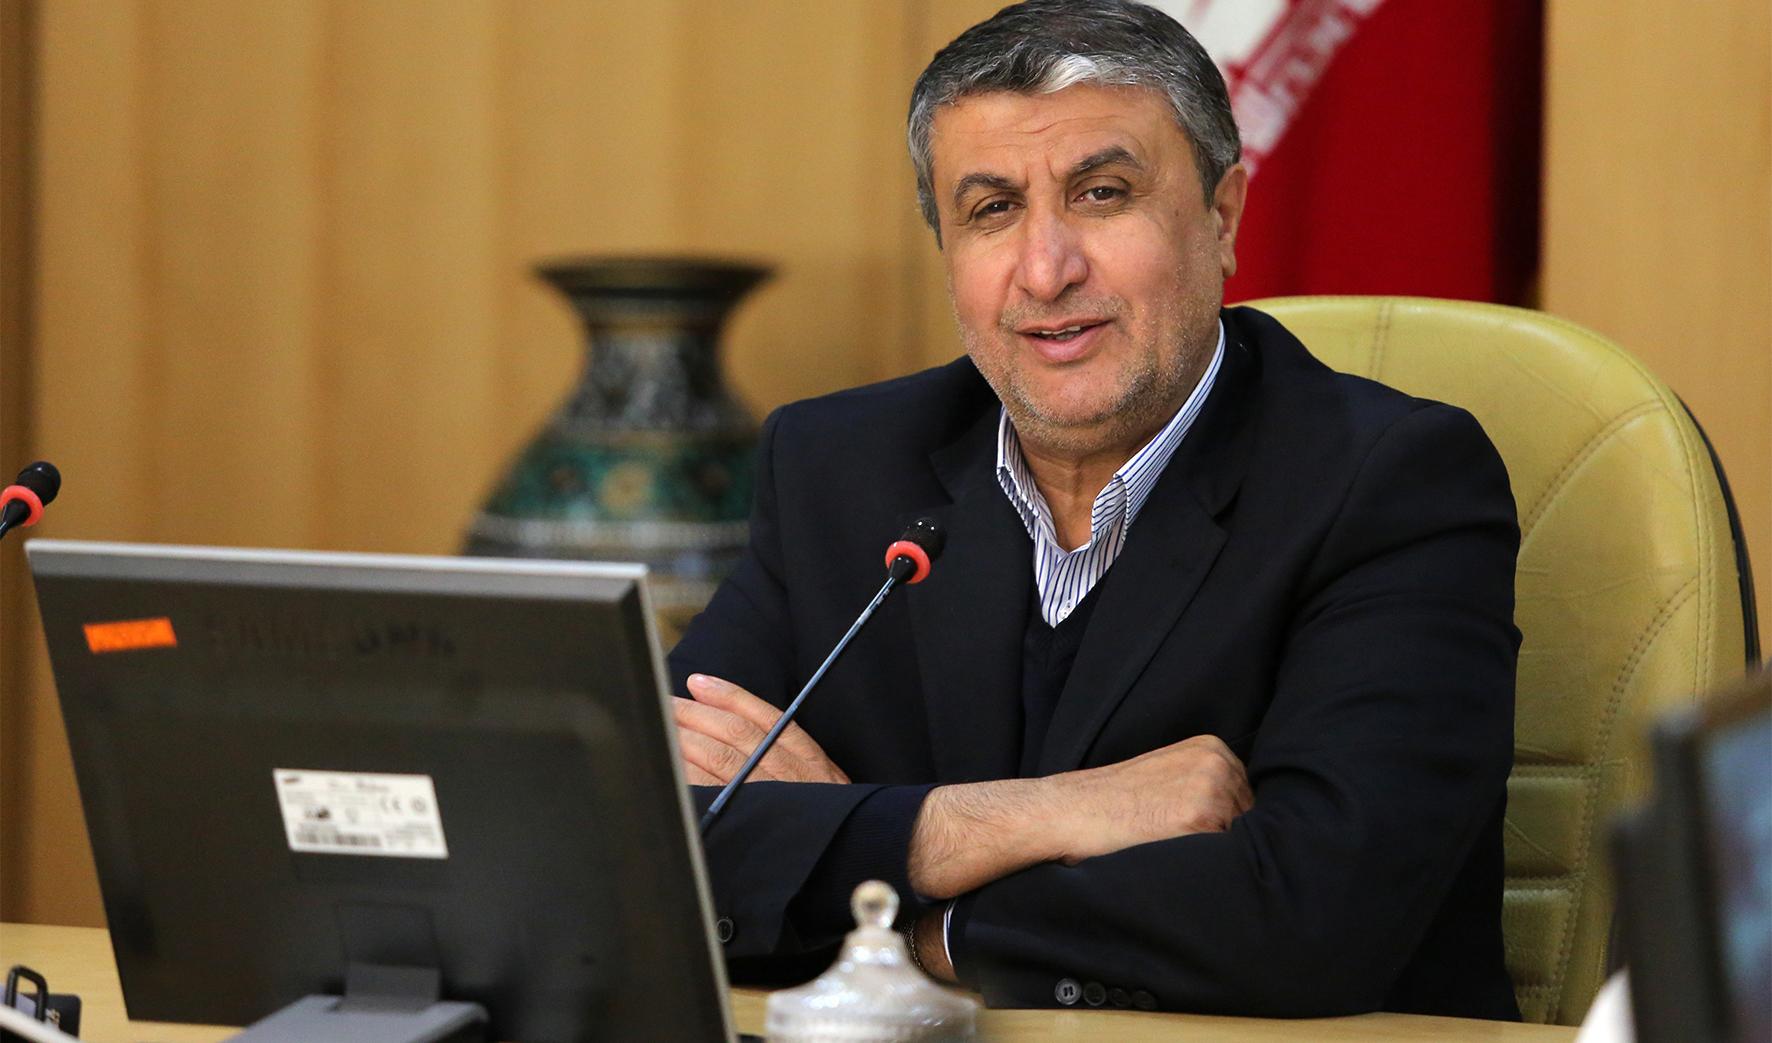 وزیر راه خبر داد: تعیین تکلیف ۴۰۰ هزار واحد در طرح اقدام ملی مسکن